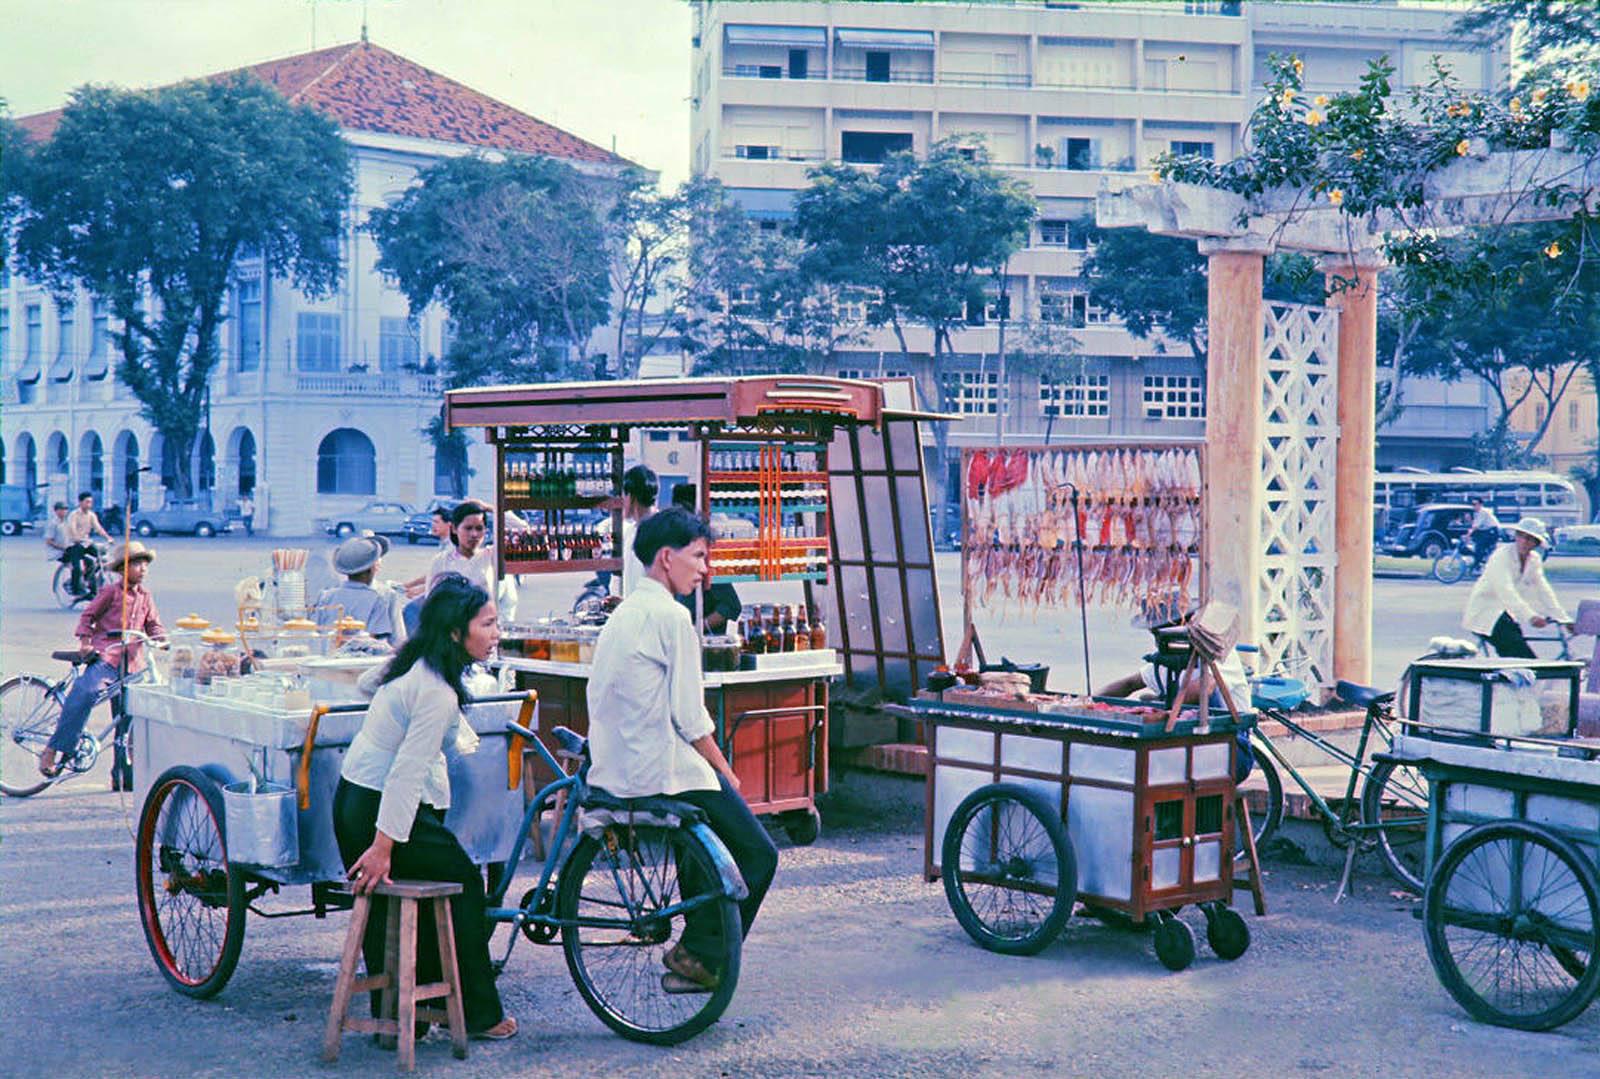 Văn hóa ẩm thực vỉa hè Sài Gòn vẫn khiến bao người không thôi nhung nhớ